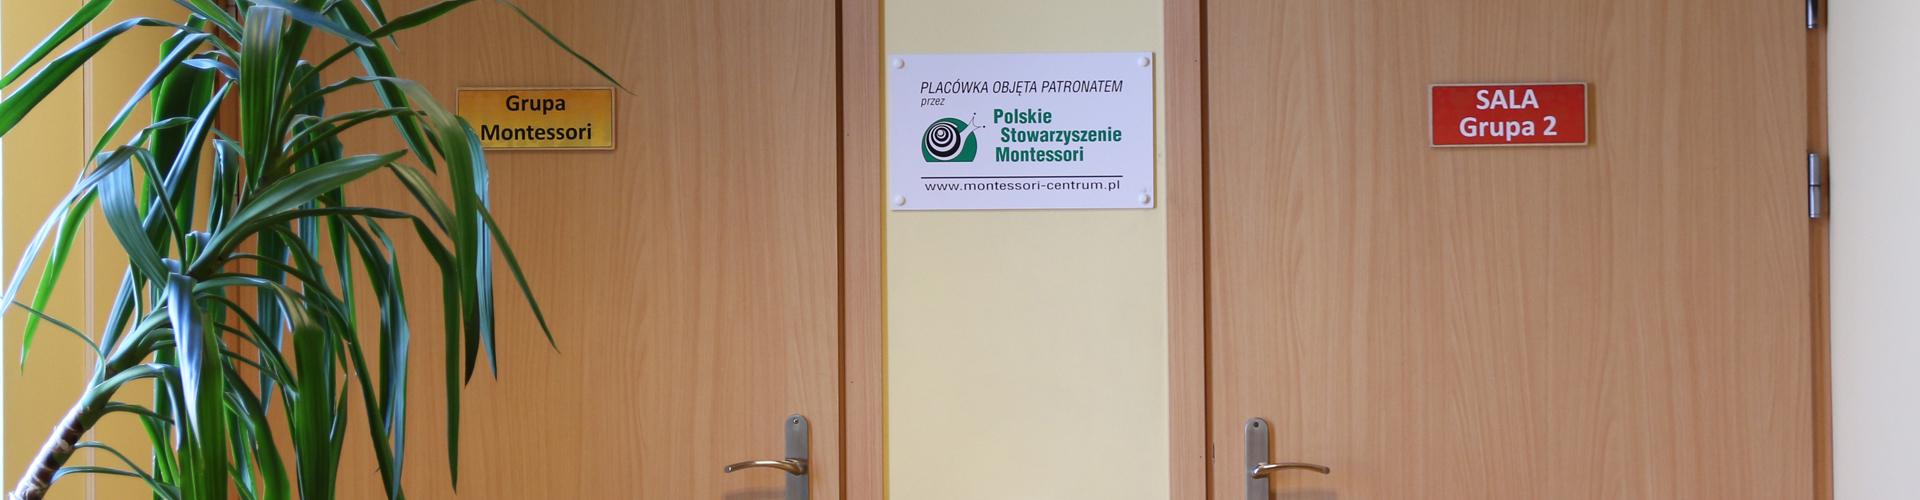 Patronat Polskiego Stowarzyszenia Montessori